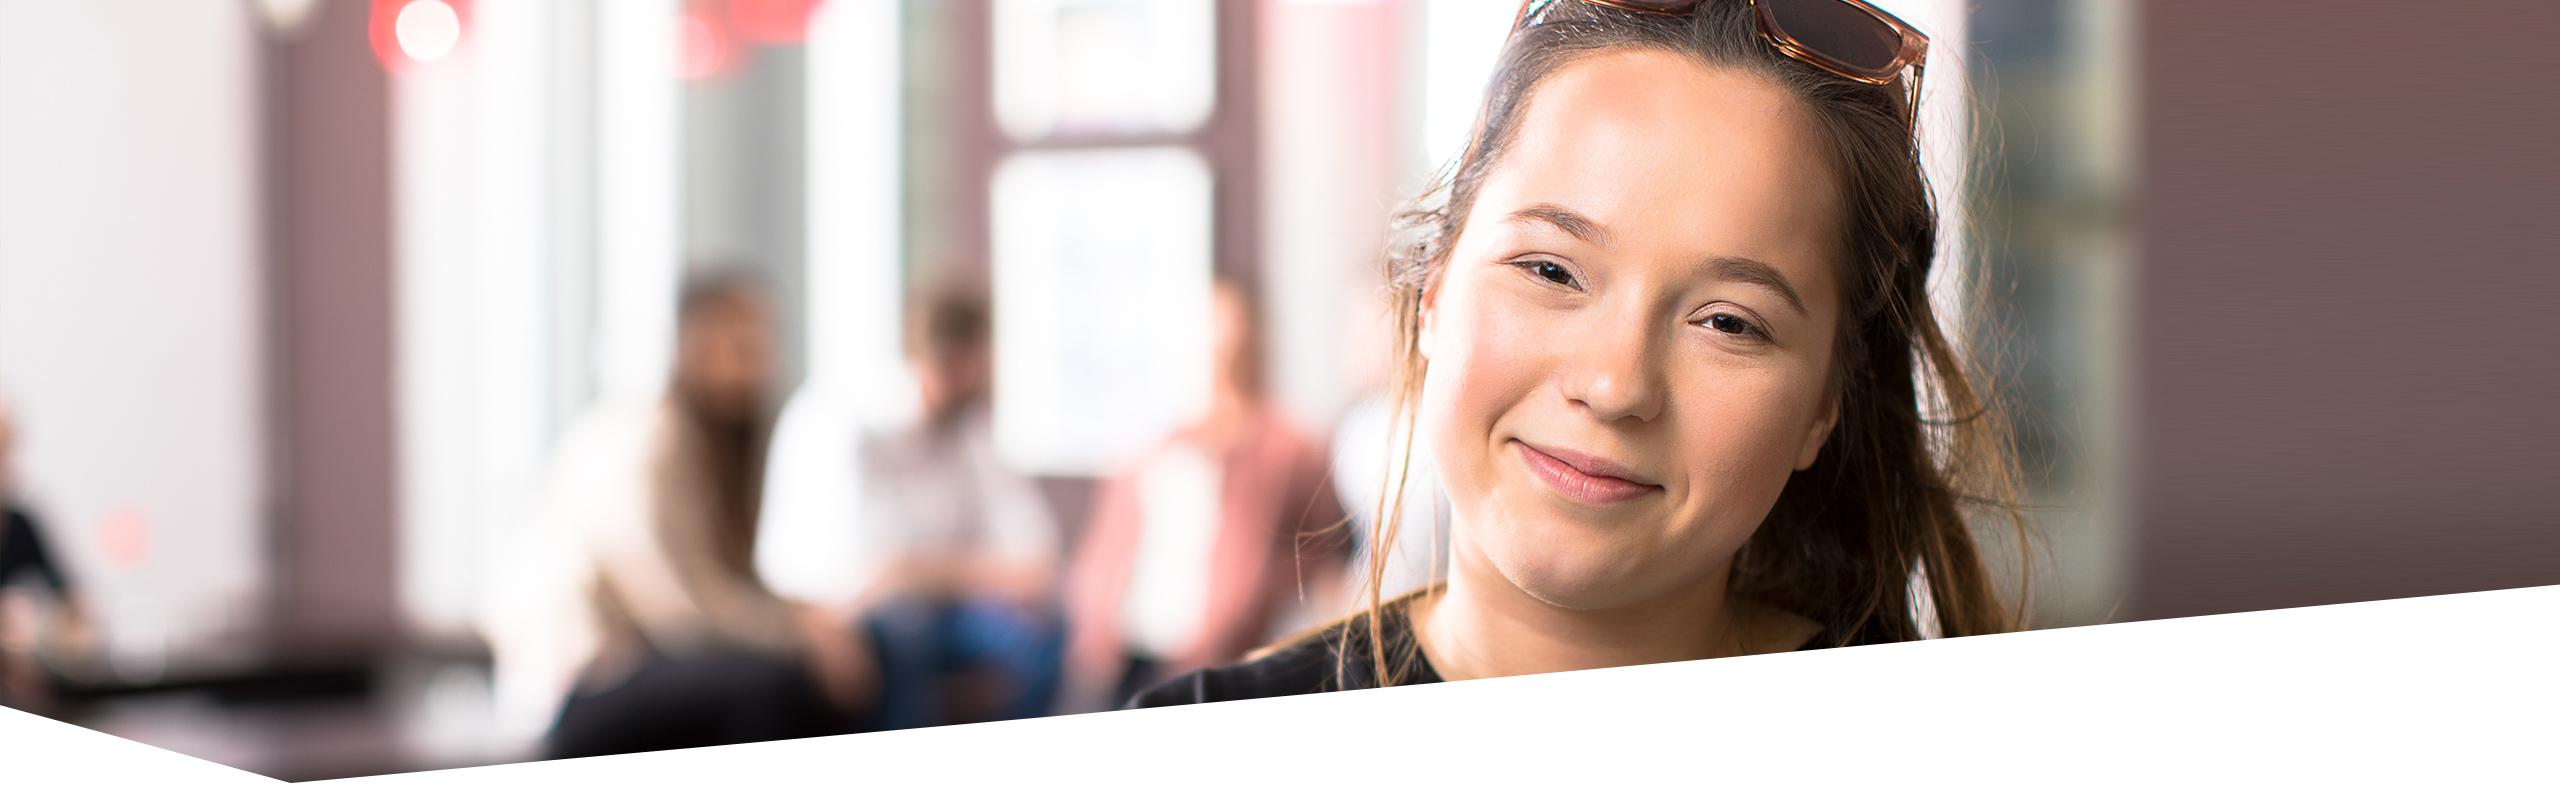 Junge Frau in der Ausbildung, die Betrachter anlächelt, weitere junge Menschen in der Ausbildung sprechen im Hintergrund miteinander